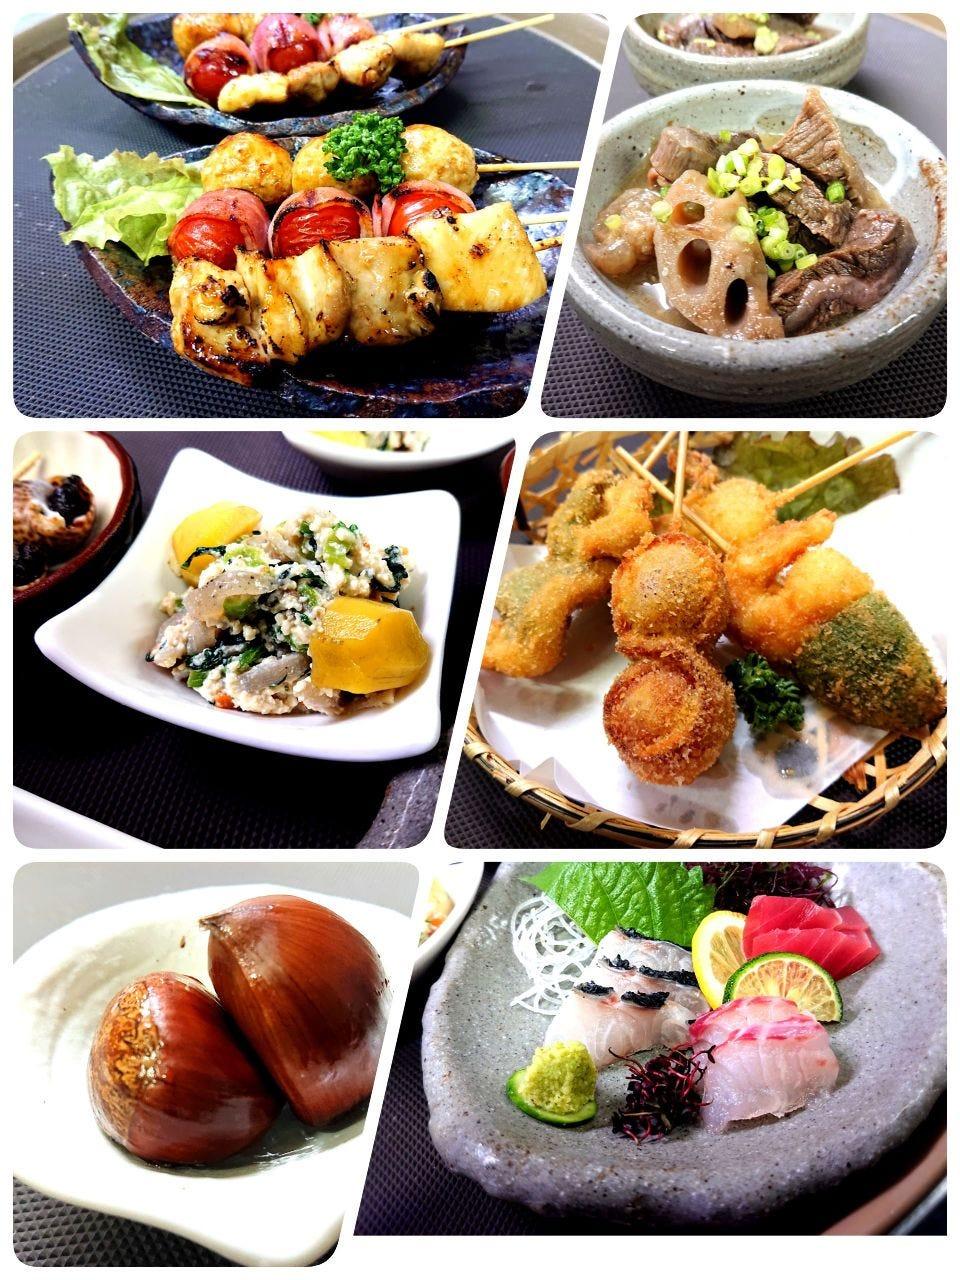 コース料理3000円。ちょっと贅沢なお食事、誕生日や記念日などにオススメのコース料理です